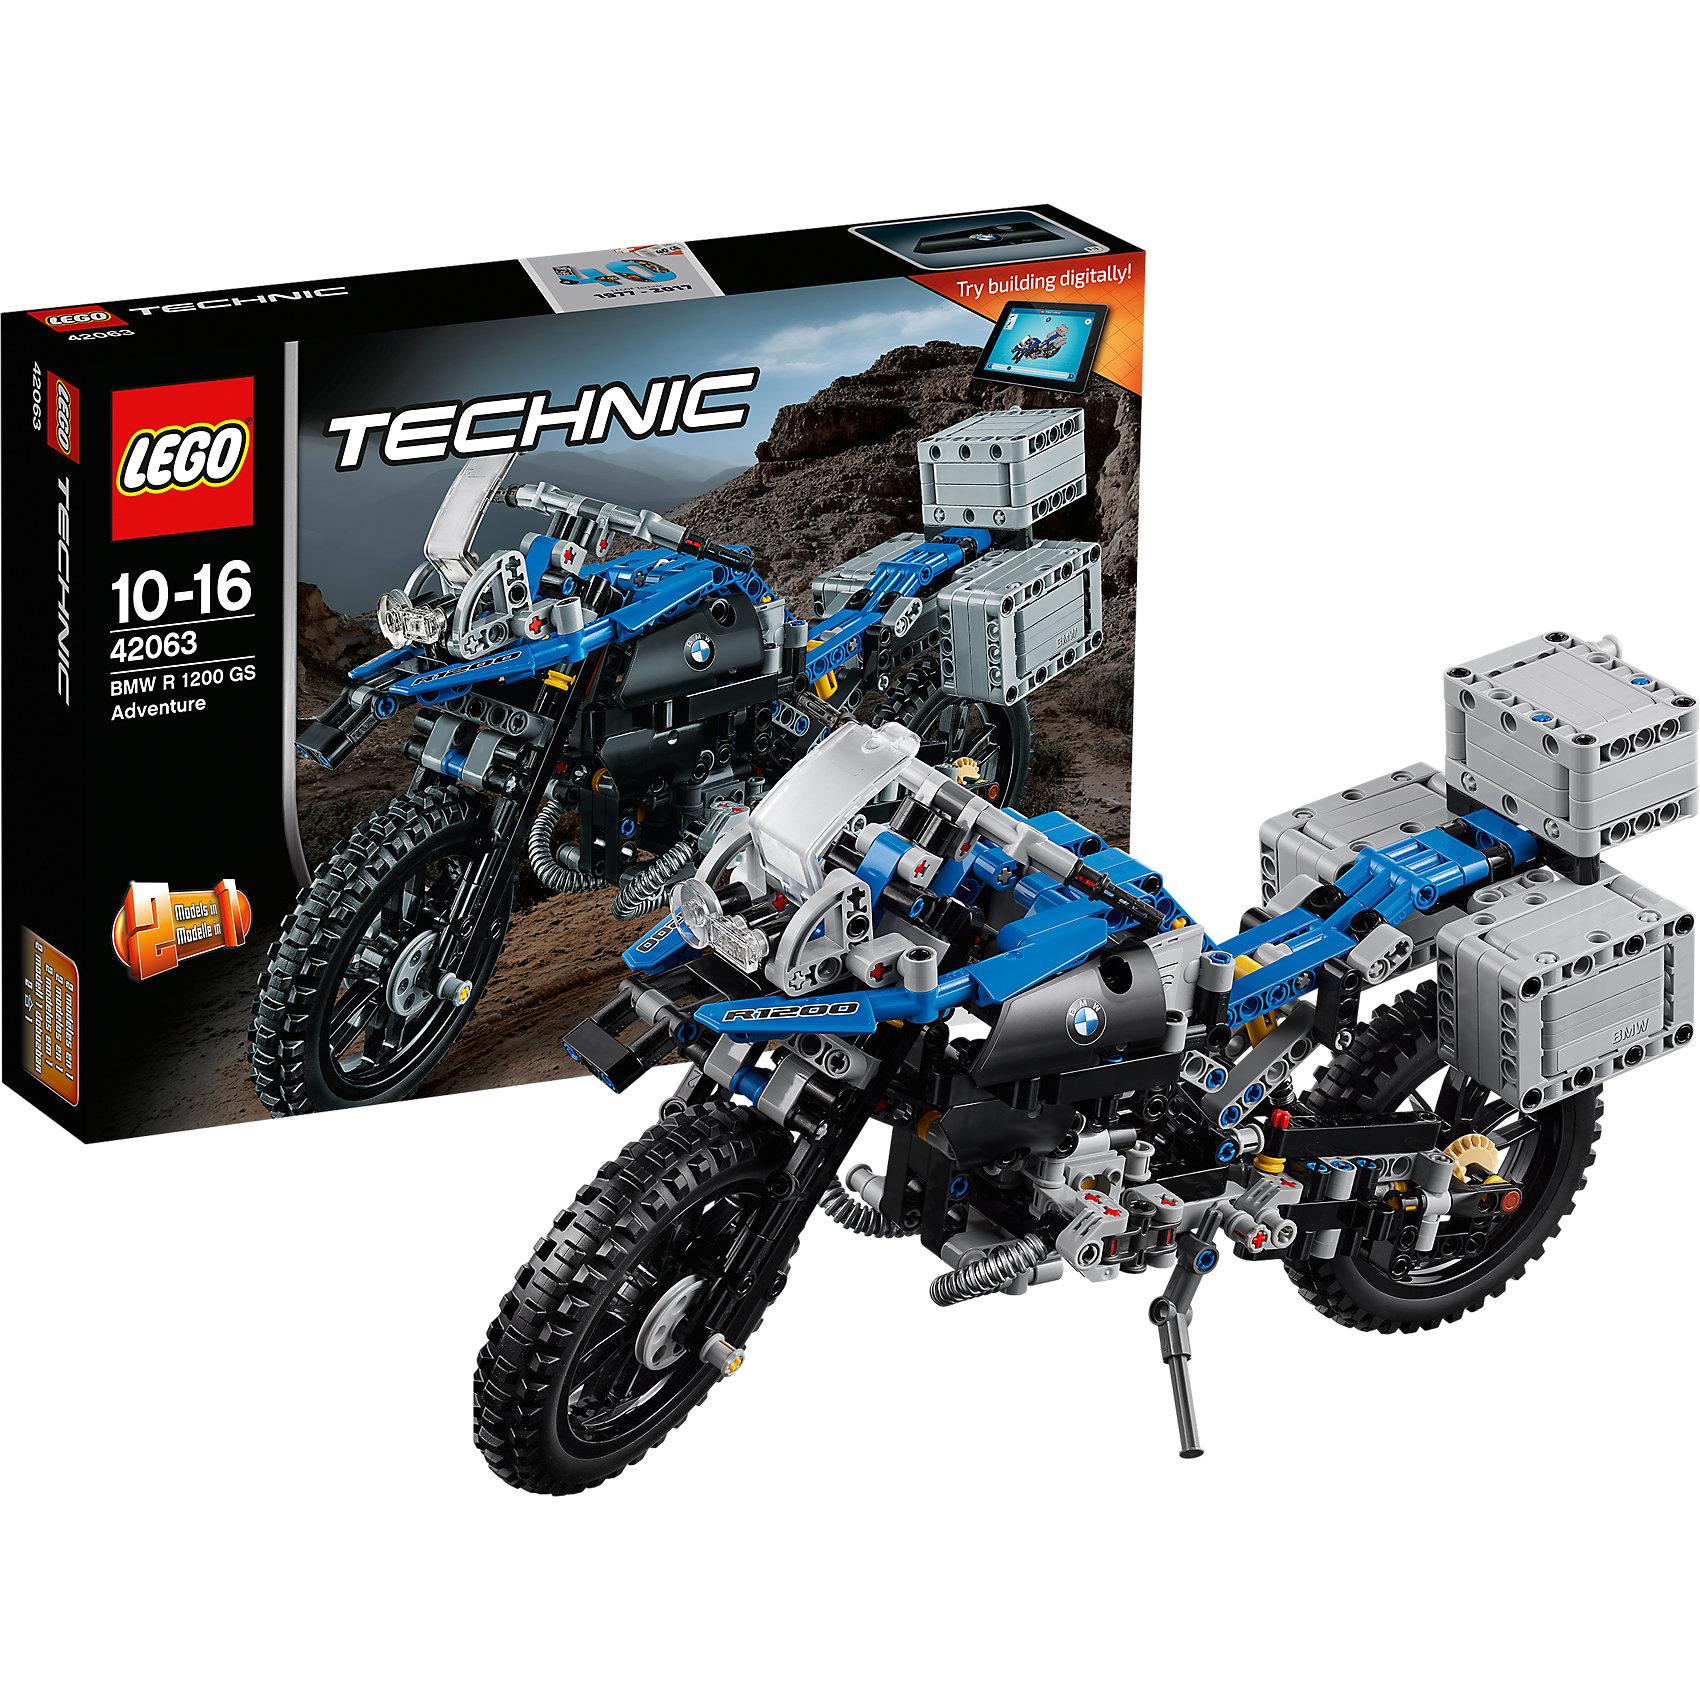 LEGO Technic 42063: Приключения на BMW R 1200 GSПластмассовые конструкторы<br>LEGO Technic 42063: Приключения на BMW R 1200 GS<br><br>Характеристики:<br><br>- в набор входит: детали мотоцикла, наклейки, инструкция по сборке<br>- состав: пластик<br>- количество деталей: 603<br>- приблизительное время сборки: 75 мин.<br>- размер упаковки: 36 * 7 * 26 см.<br>- размер мотоцикла: 33 * 10,5 * 18 см.<br>- для детей в возрасте: от 10 до 16 лет<br>- Страна производитель: Дания/Китай/Чехия<br>Легендарный конструктор LEGO (ЛЕГО) представляет серию «Technic», которая бросает вызов уже опытным строителям ЛЕГО. <br><br>Ваш ребенок может строить продвинутые модели с реальными функциями, такими как коробки передач и системы рулевого управления. В набор включена уникальная деталь, посвященная сорокалетию серии. Наслаждайтесь строительством нового реалистичного мотоцикла BMW R 1200 GS с полной амортизацией колес, поворачивающимся передним колесом и надежной подножкой. Три грузовых отделения открываются и могут быть сняты. При движении механизм имитирует работу двигателя мотоцикла и можно увидеть работу поршней. Мотоцикл перестраивается в новую скоростную модель, разработанную компанией BMW, обе модели имеют дополнительные объемные интерактивные инструкции на вебсайте ЛЕГО.<br><br>Играя с конструктором ребенок развивает моторику рук, воображение и логическое мышление, научится собирать по инструкции и создавать свои модели. Принимайте новые вызовы по сборке моделей и придумывайте новые истории с набором LEGO «Technic»!<br><br>Конструктор LEGO Technic 42063: Приключения на BMW R 1200 GS можно купить в нашем интернет-магазине.<br><br>Ширина мм: 385<br>Глубина мм: 263<br>Высота мм: 76<br>Вес г: 940<br>Возраст от месяцев: 120<br>Возраст до месяцев: 192<br>Пол: Мужской<br>Возраст: Детский<br>SKU: 5002538